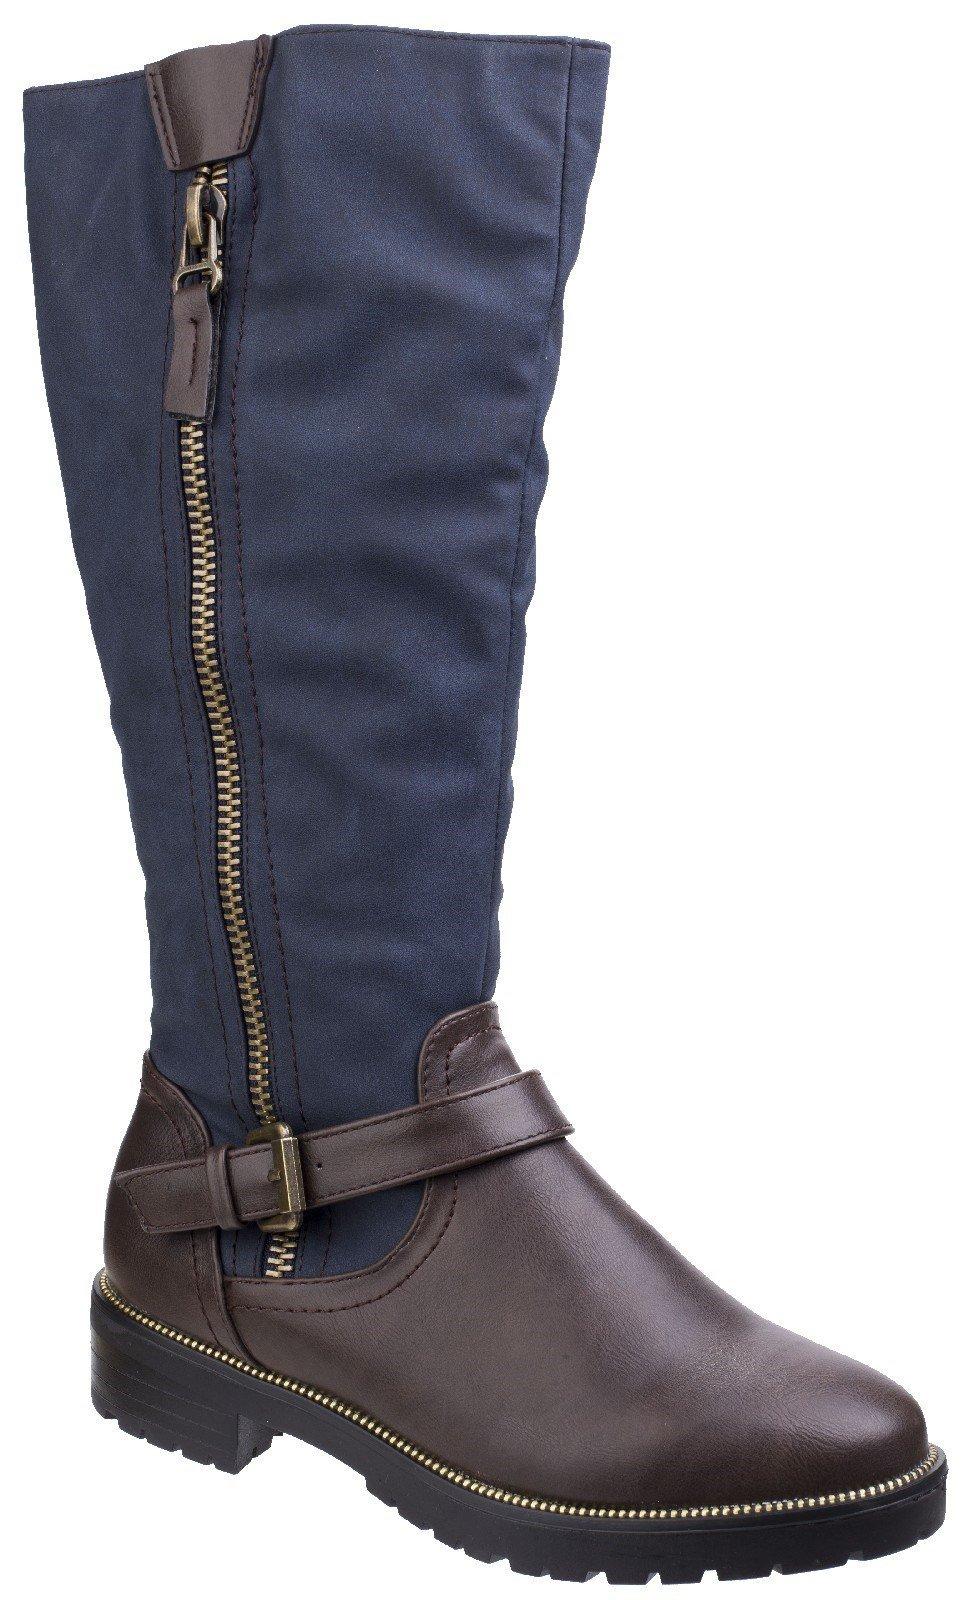 Divaz Women's Manson Tall Boot Brown 25567-42553 - Brown/Blue 3